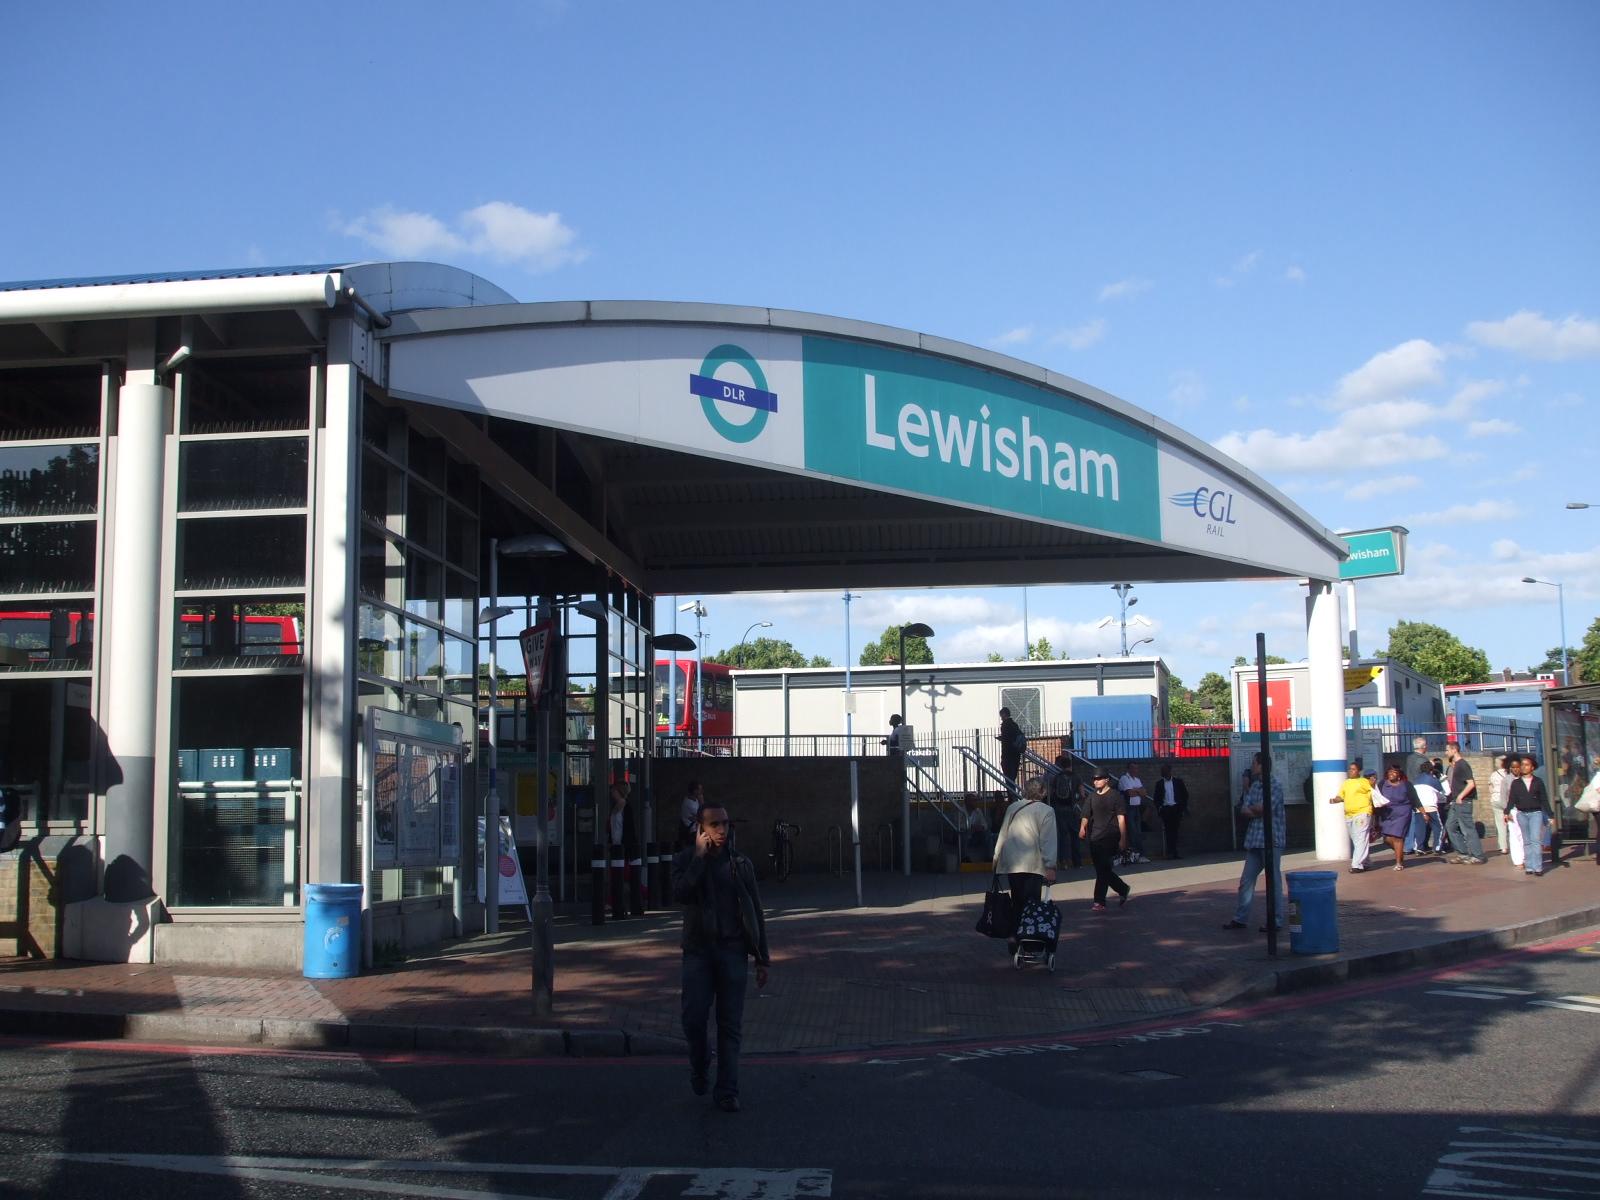 Lewisham_DLR_stn_entrance